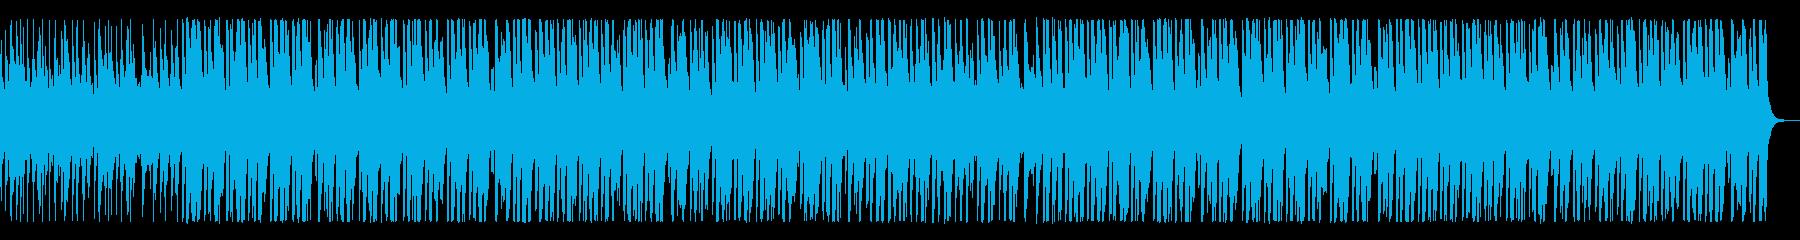 【リズム抜き】木琴とウクレレの軽快なア…の再生済みの波形